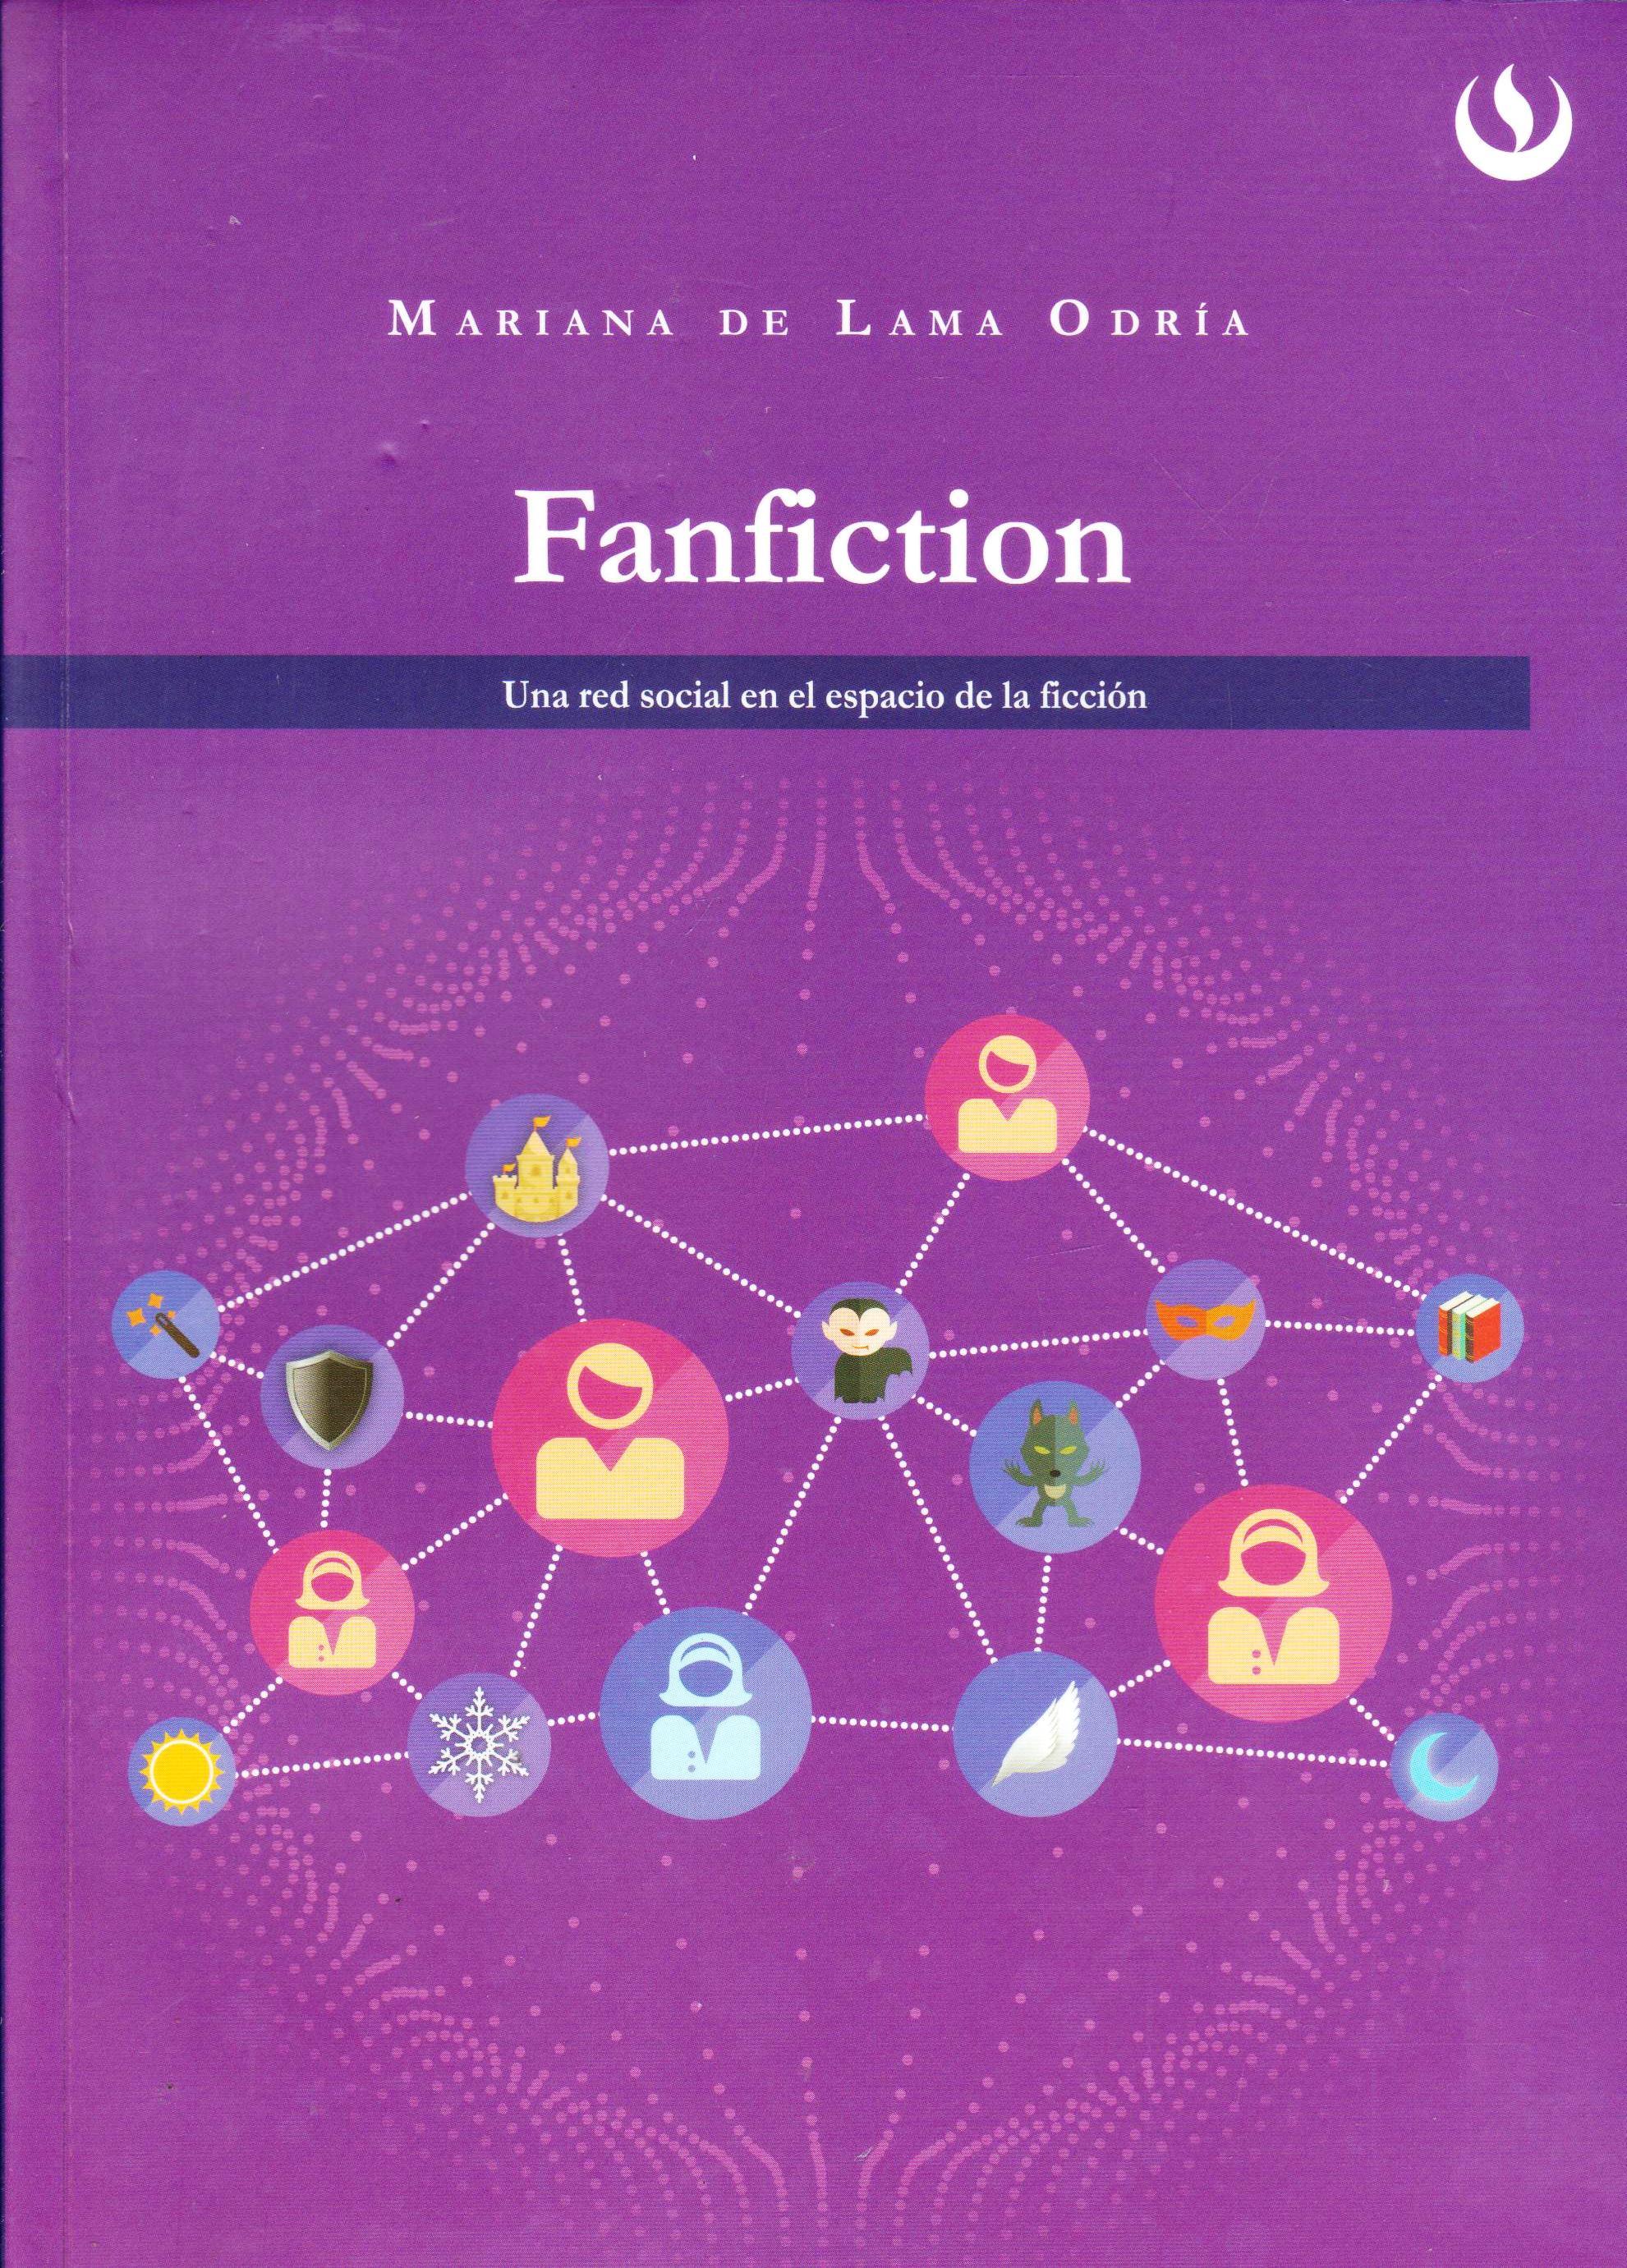 Fanfiction: una red social en el espacio de la ficción